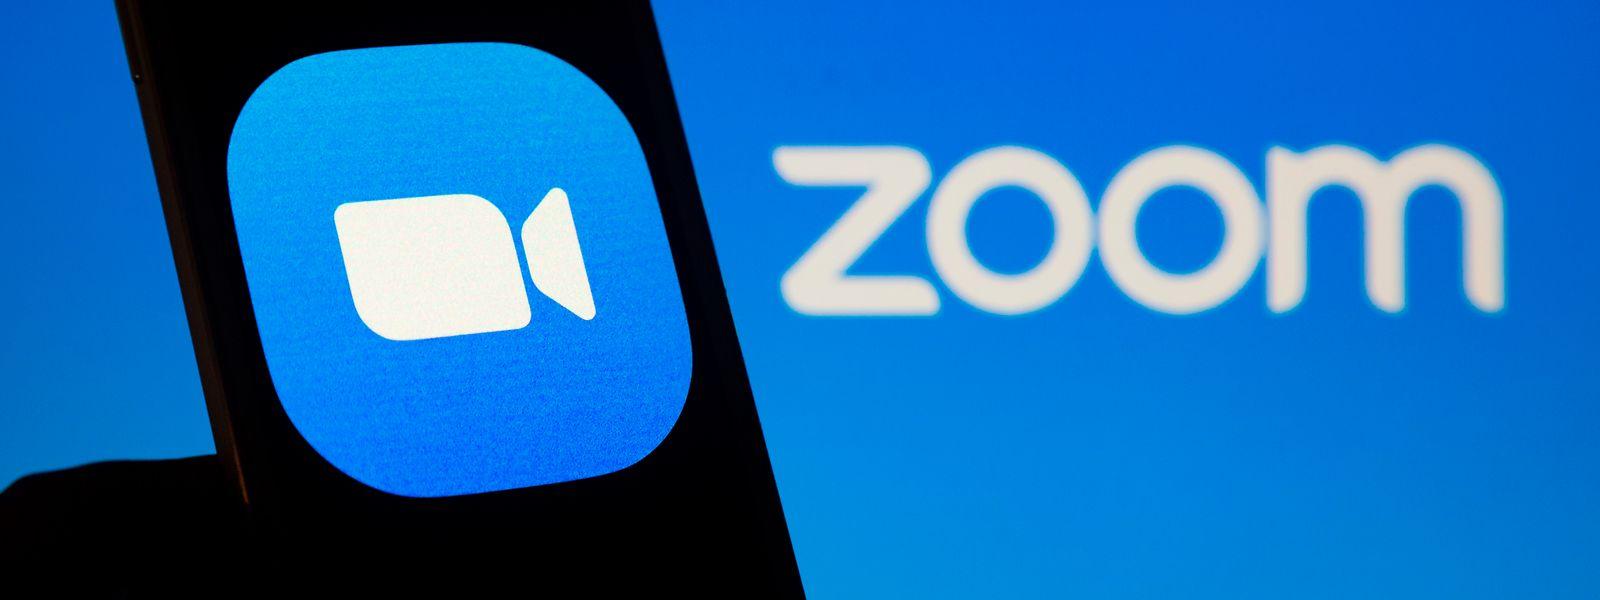 Das Logo des Videokonferenzdienstes Zoom ist auf einem Smartphone-Bildschirm zu sehen.